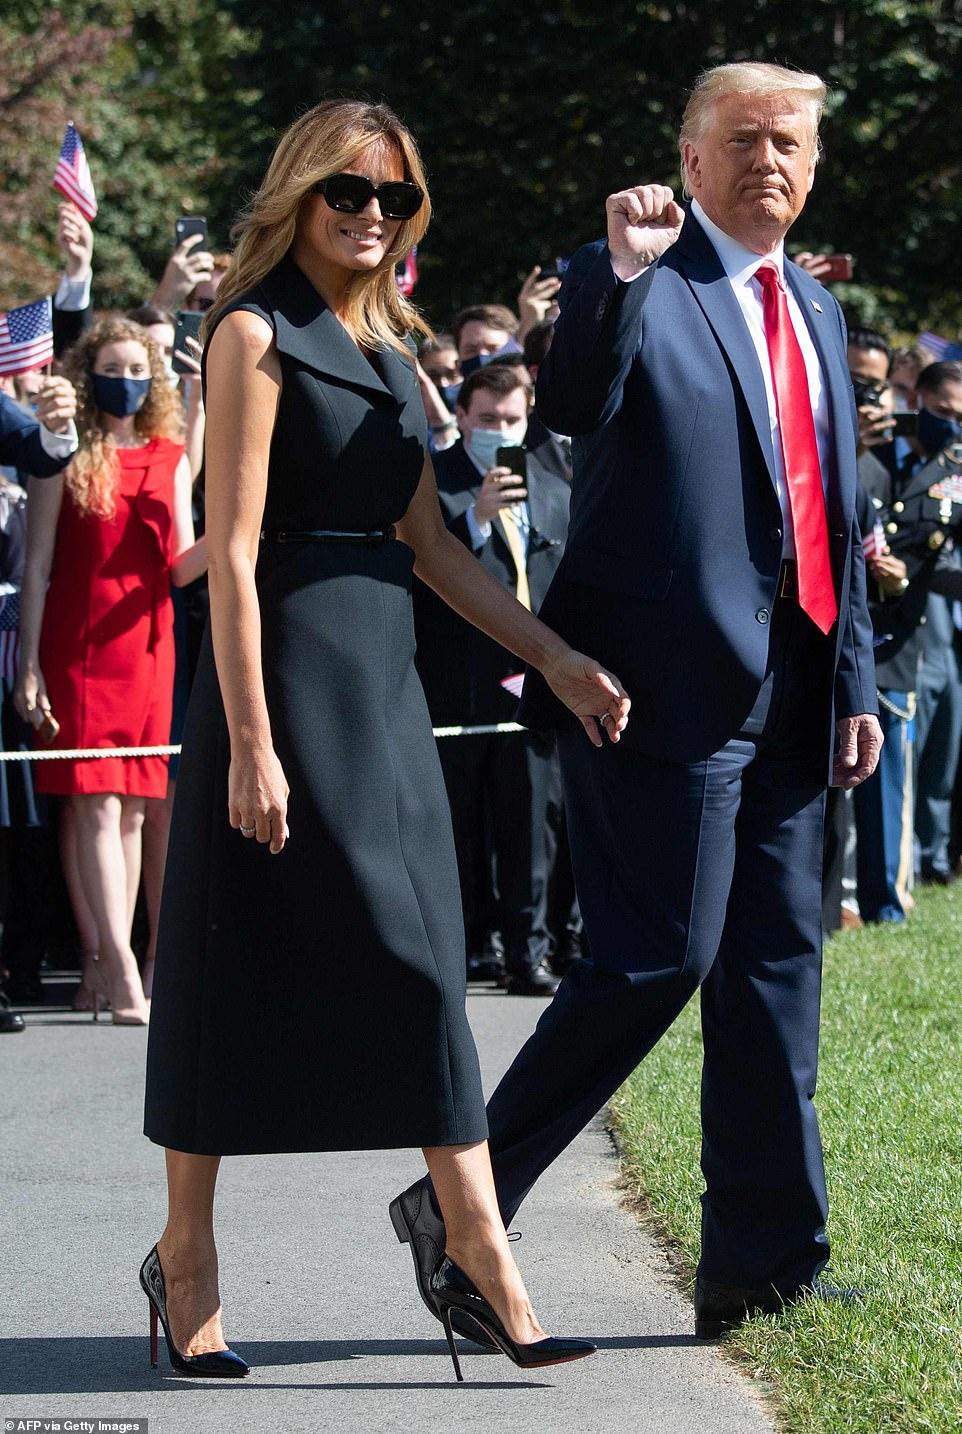 Đệ nhất phu nhân Melania Trump lần đầu tiên tự mình vận động tranh cử cho chồng, Tổng thống Donald Trump